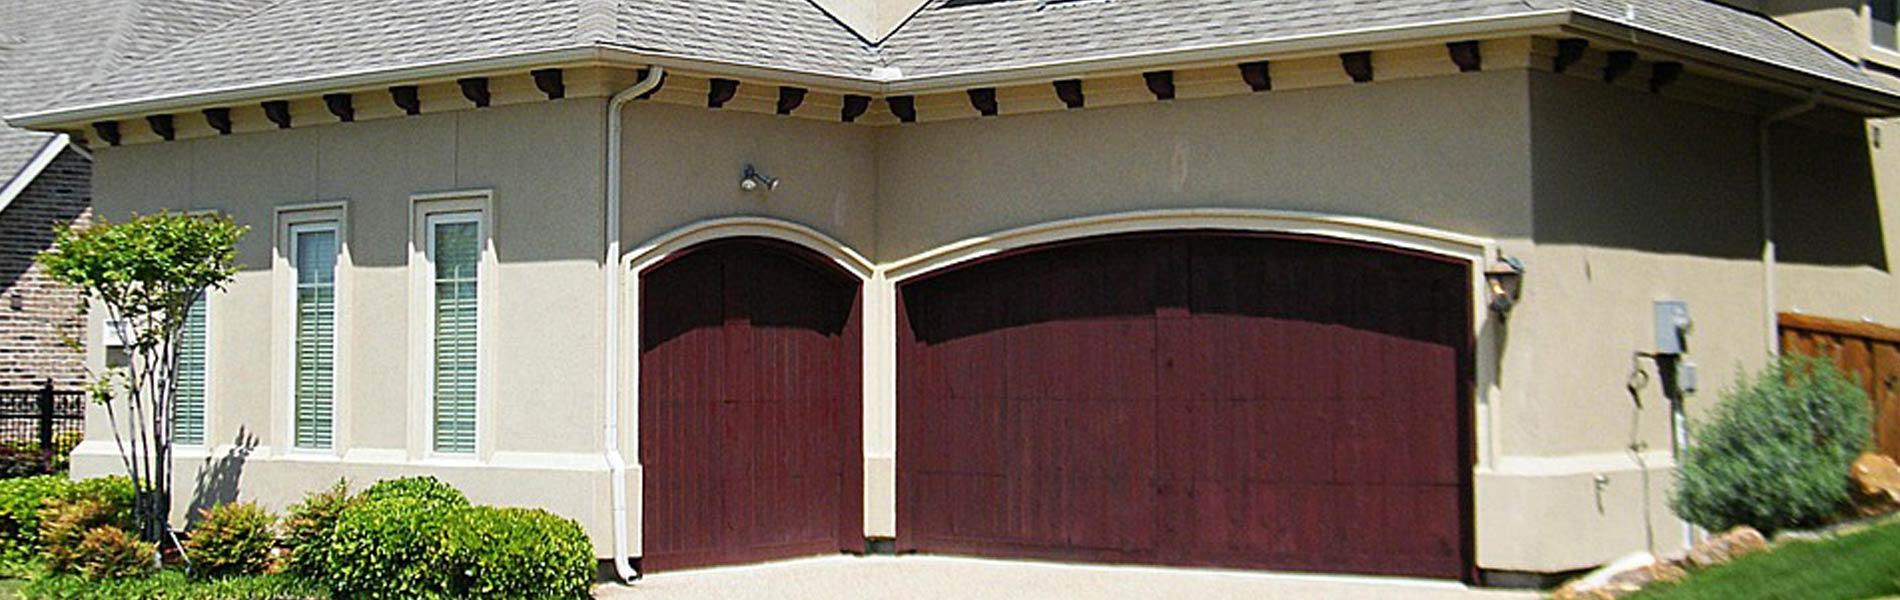 Dunwoody Garage Door Shop Garage Doors Dunwoody Ga 770 913 6943